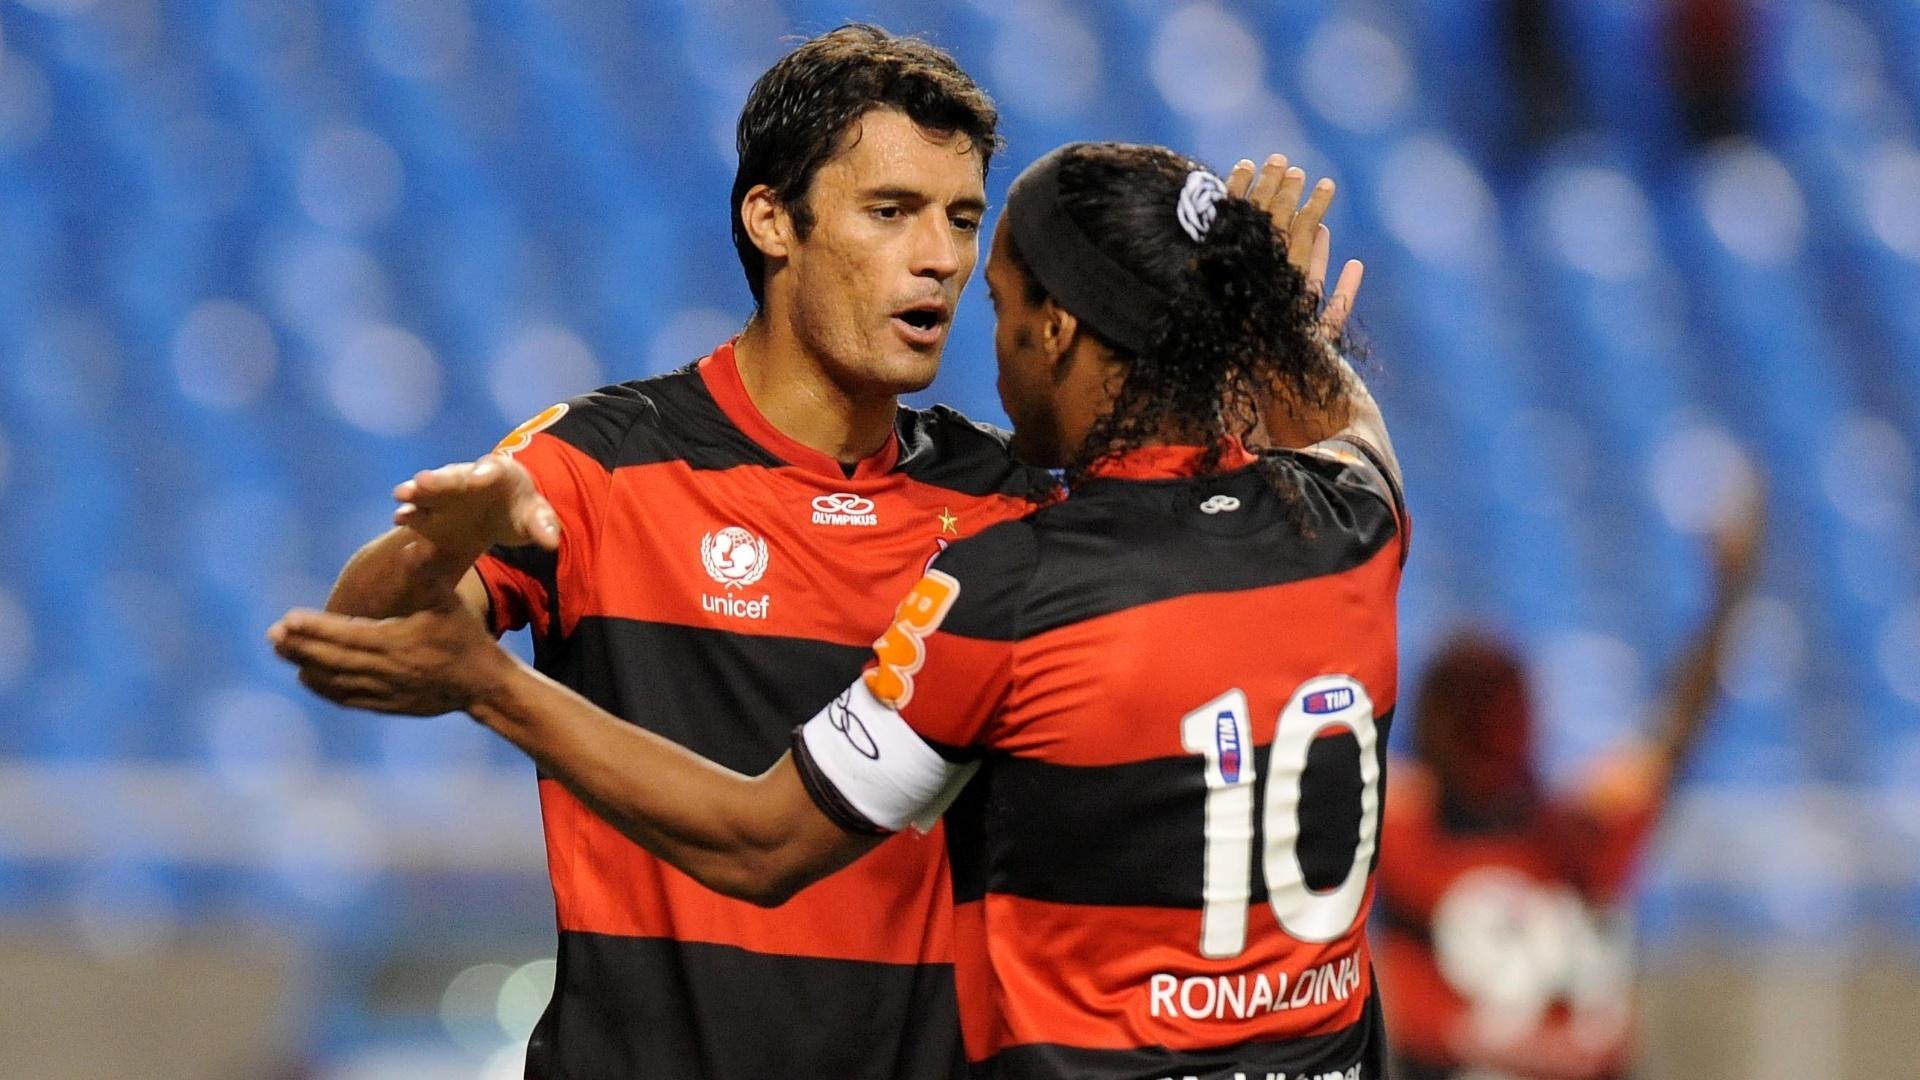 Zagueiro do Flamengo, Marcos González abraça Ronaldinho Gaúcho, após gol de pênalti do meia